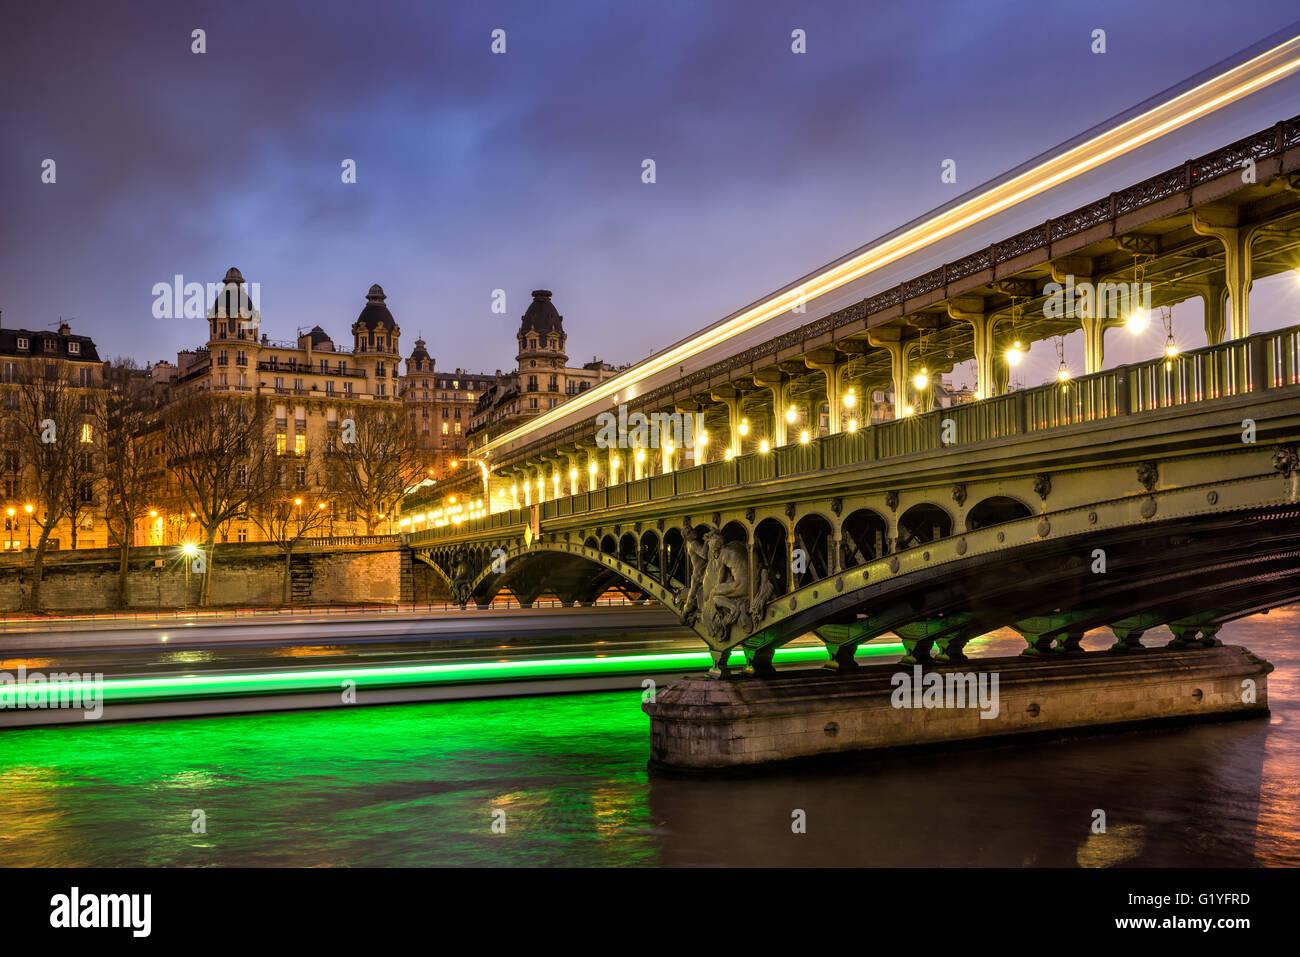 Paris-Bir-Hakeim-Brücke in der Dämmerung mit Wolken und Lichtspuren der Boote auf dem Fluss Seine. 16. Arrondissement Stockfoto